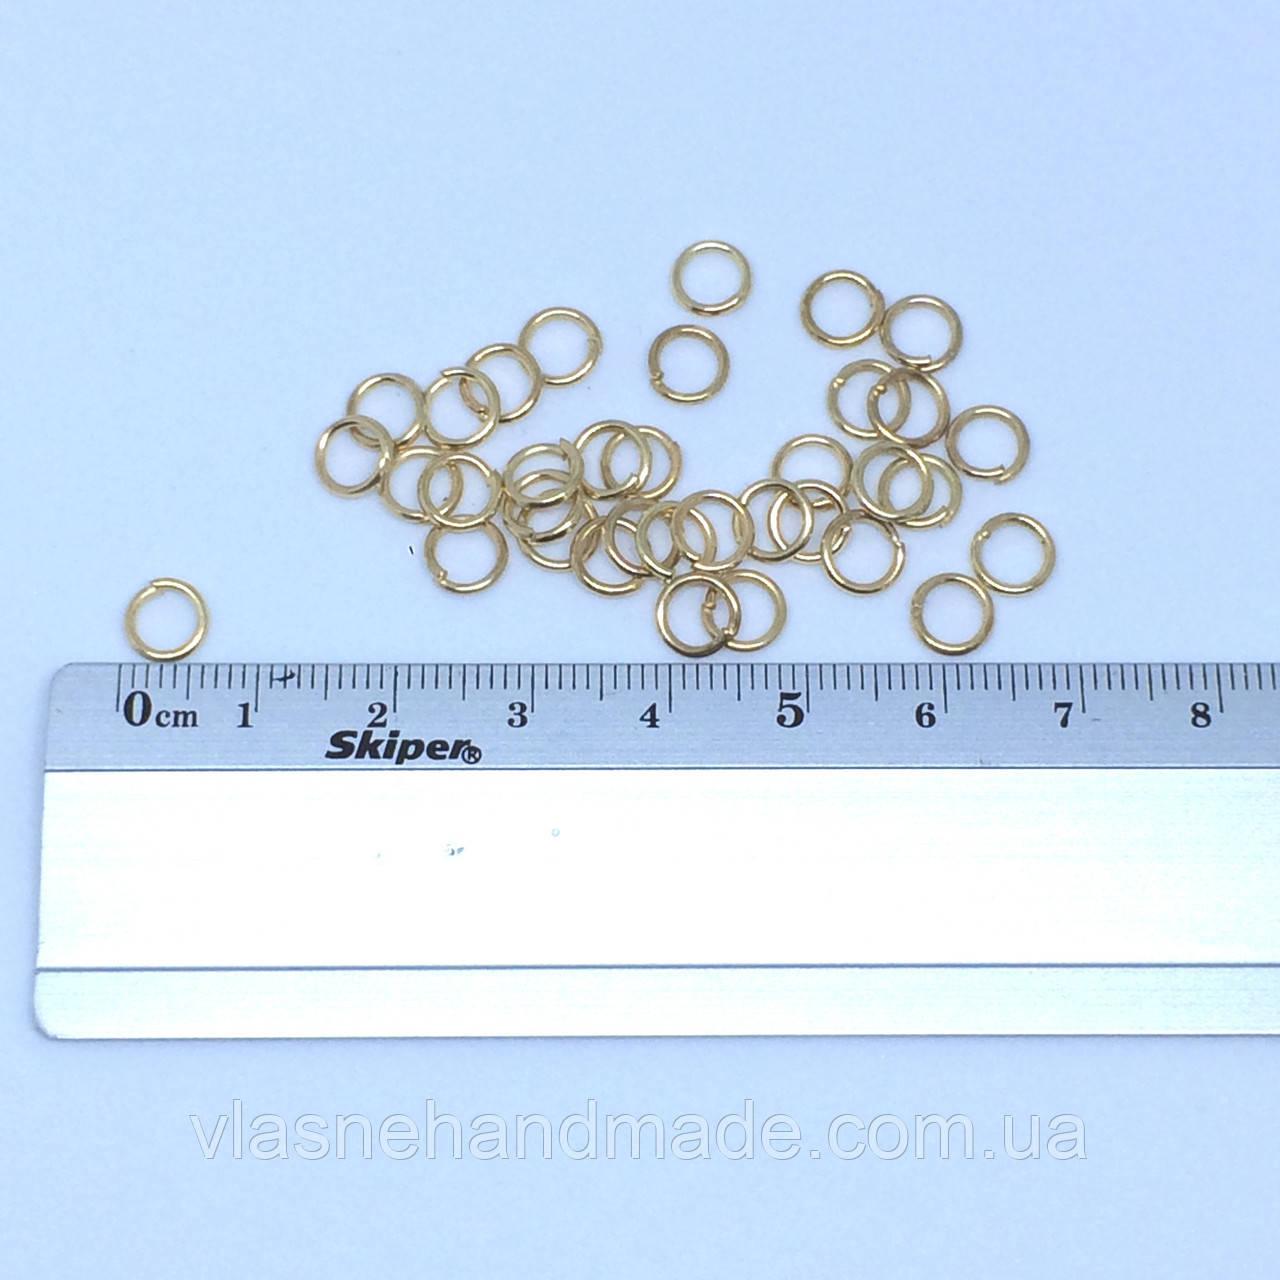 Кільця з'єднувальні - золото - 5 мм (за 20 шт)